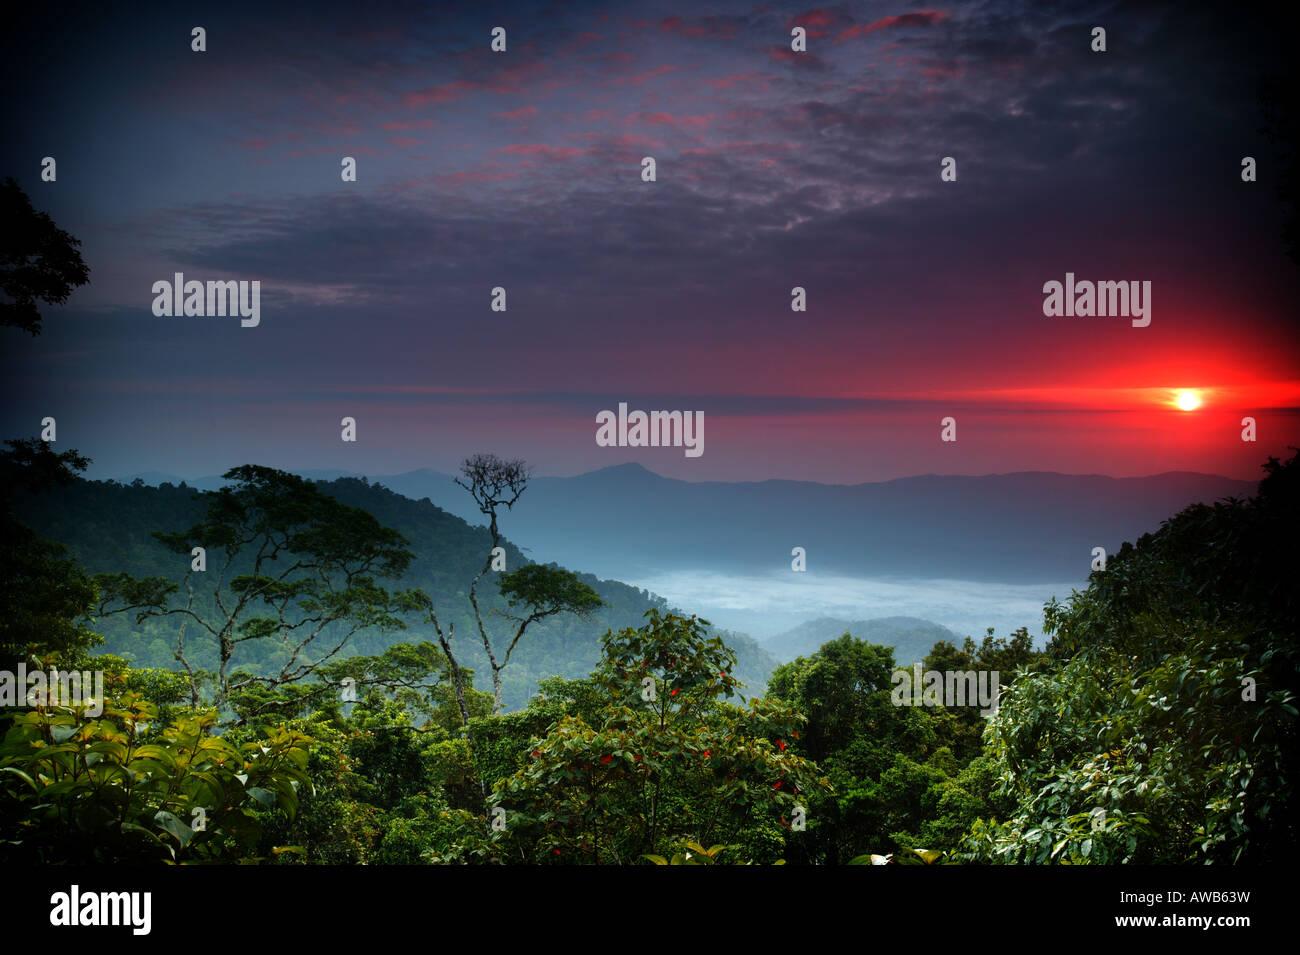 Alba a Cerro Pirre nel Parco Nazionale del Darién, provincia di Darien, Repubblica di Panama. Immagini Stock